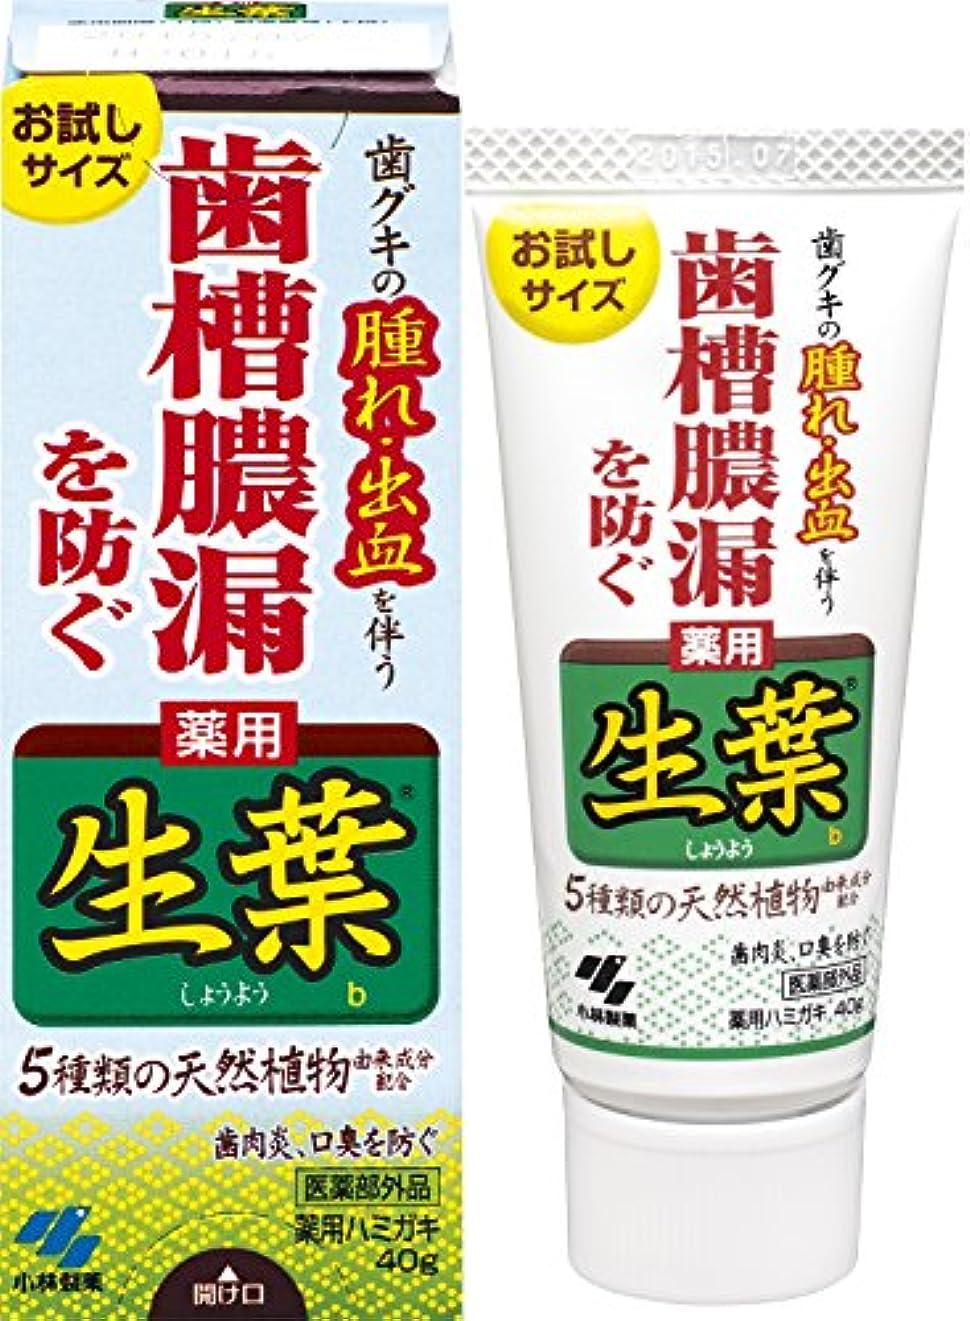 謝罪する部分動的生葉(しょうよう)お試しサイズ 歯槽膿漏を防ぐ 薬用ハミガキ ハーブミント味 40g 【医薬部外品】